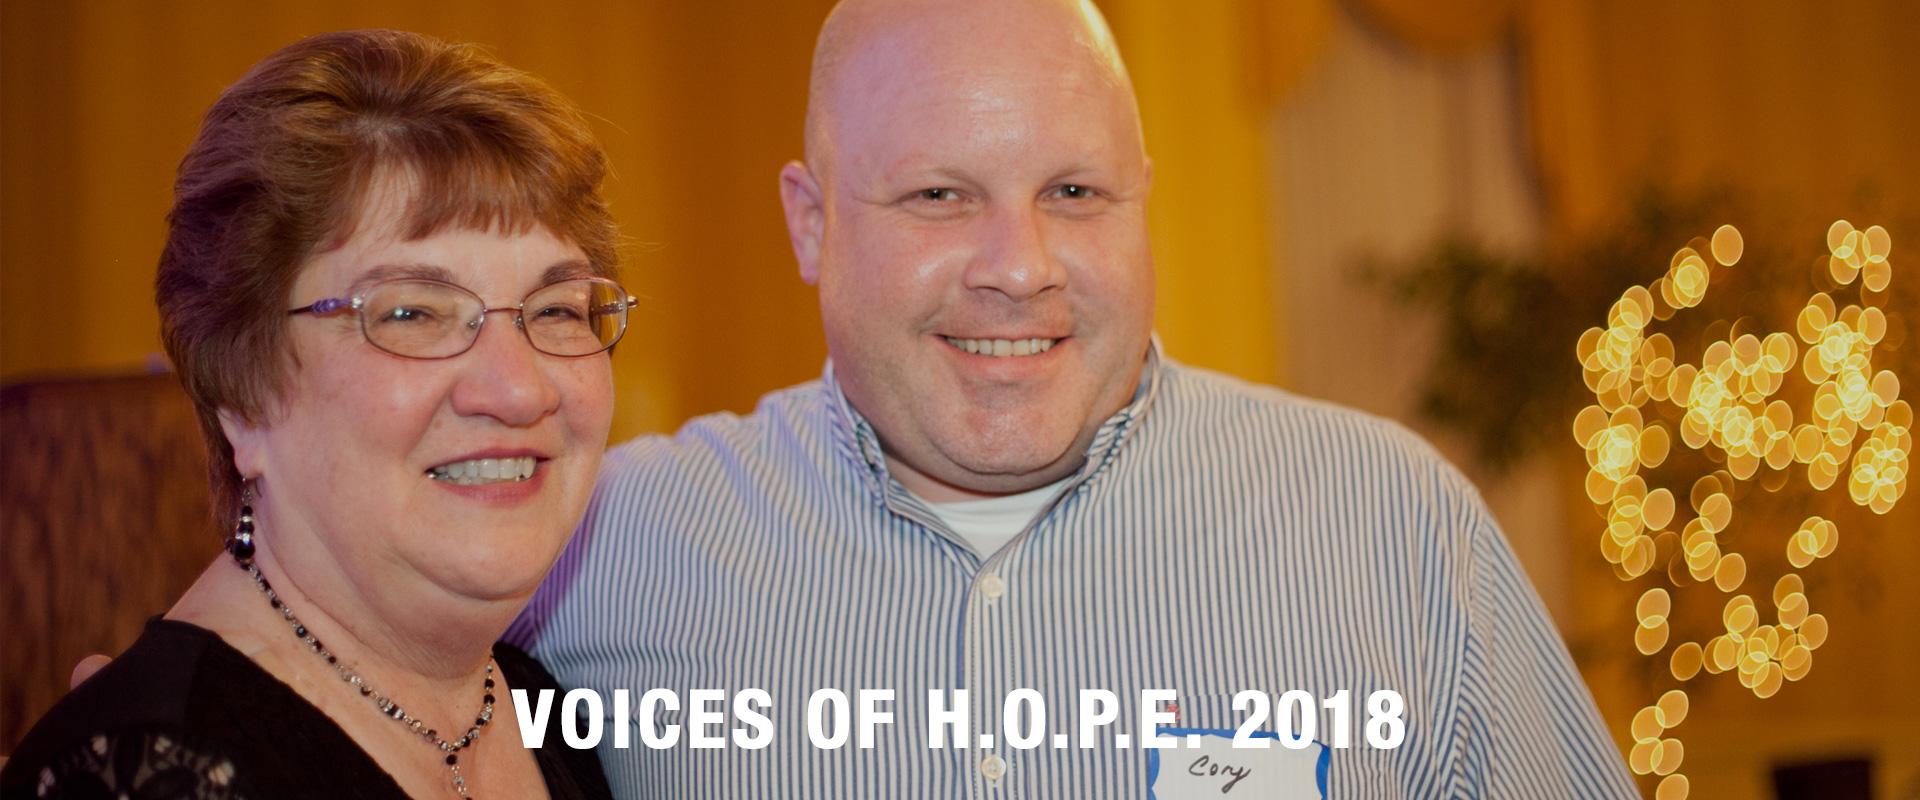 Voices of H.O.P.E. 2018 - 14